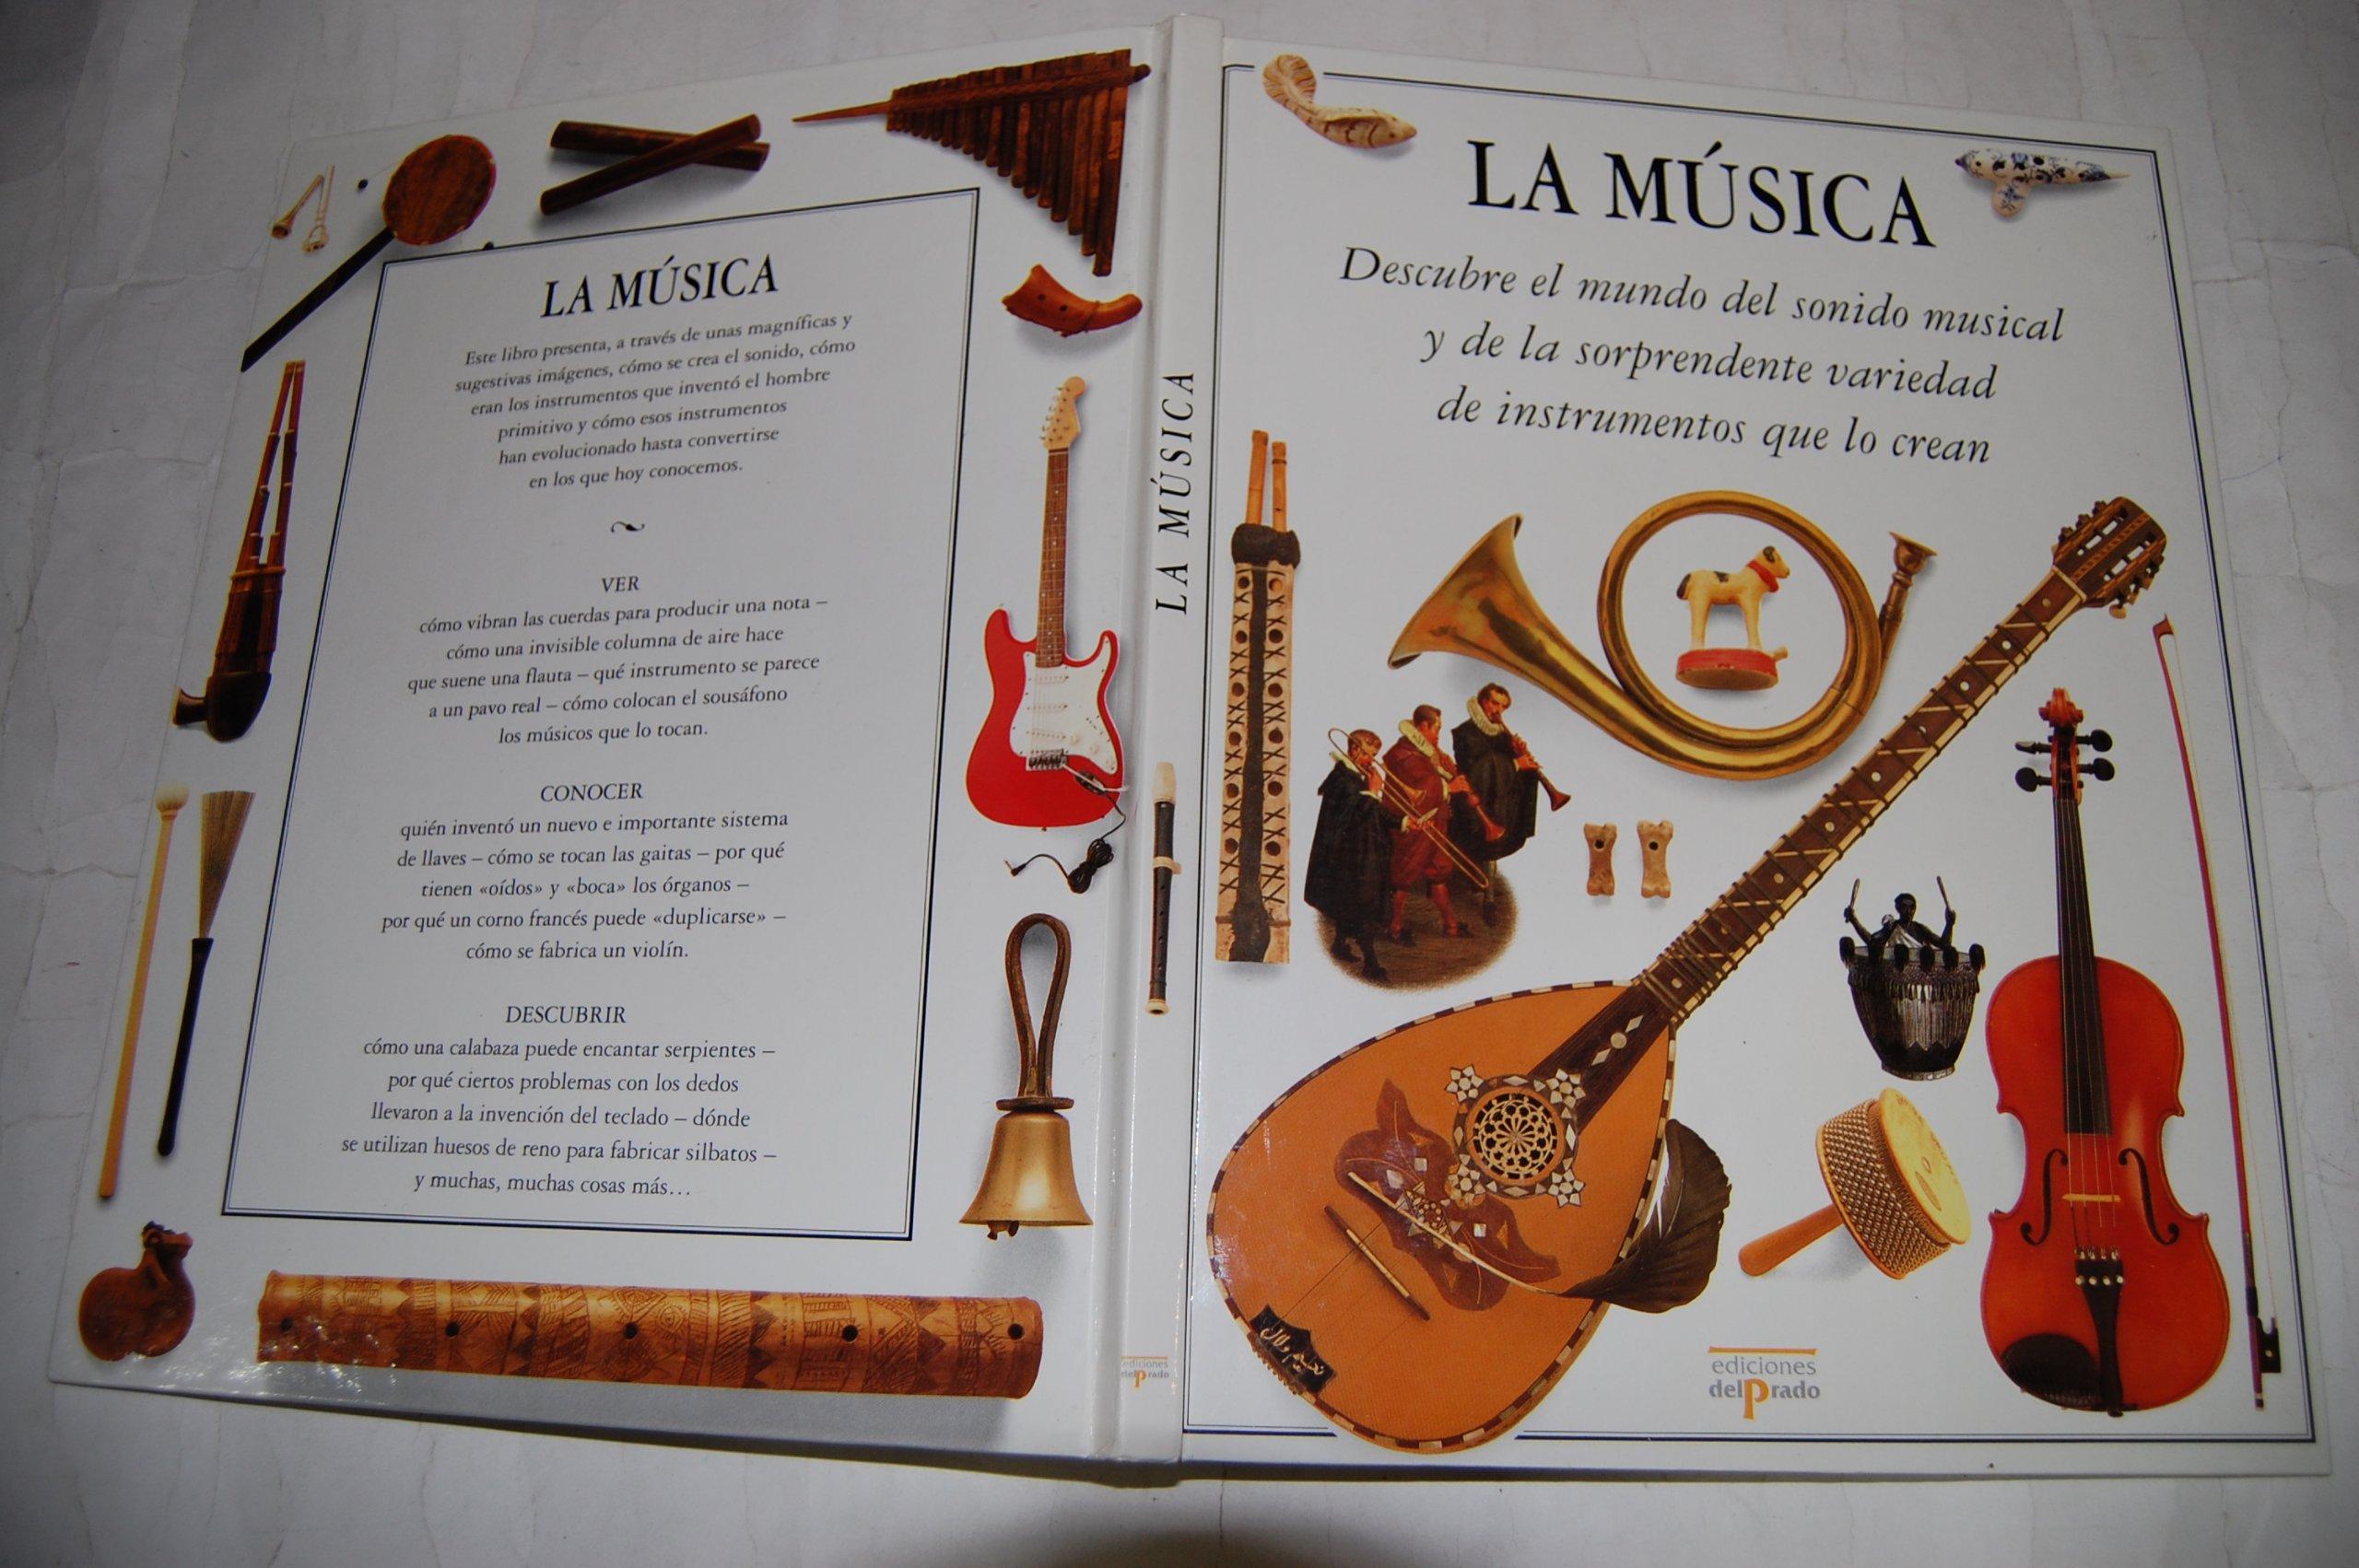 Introduccion a la musica con Pedro y el lobo / Introduction to the Music With Peter and the Wolf (Ediciones Del Prado) (Spanish Edition): Spitting Image, ...